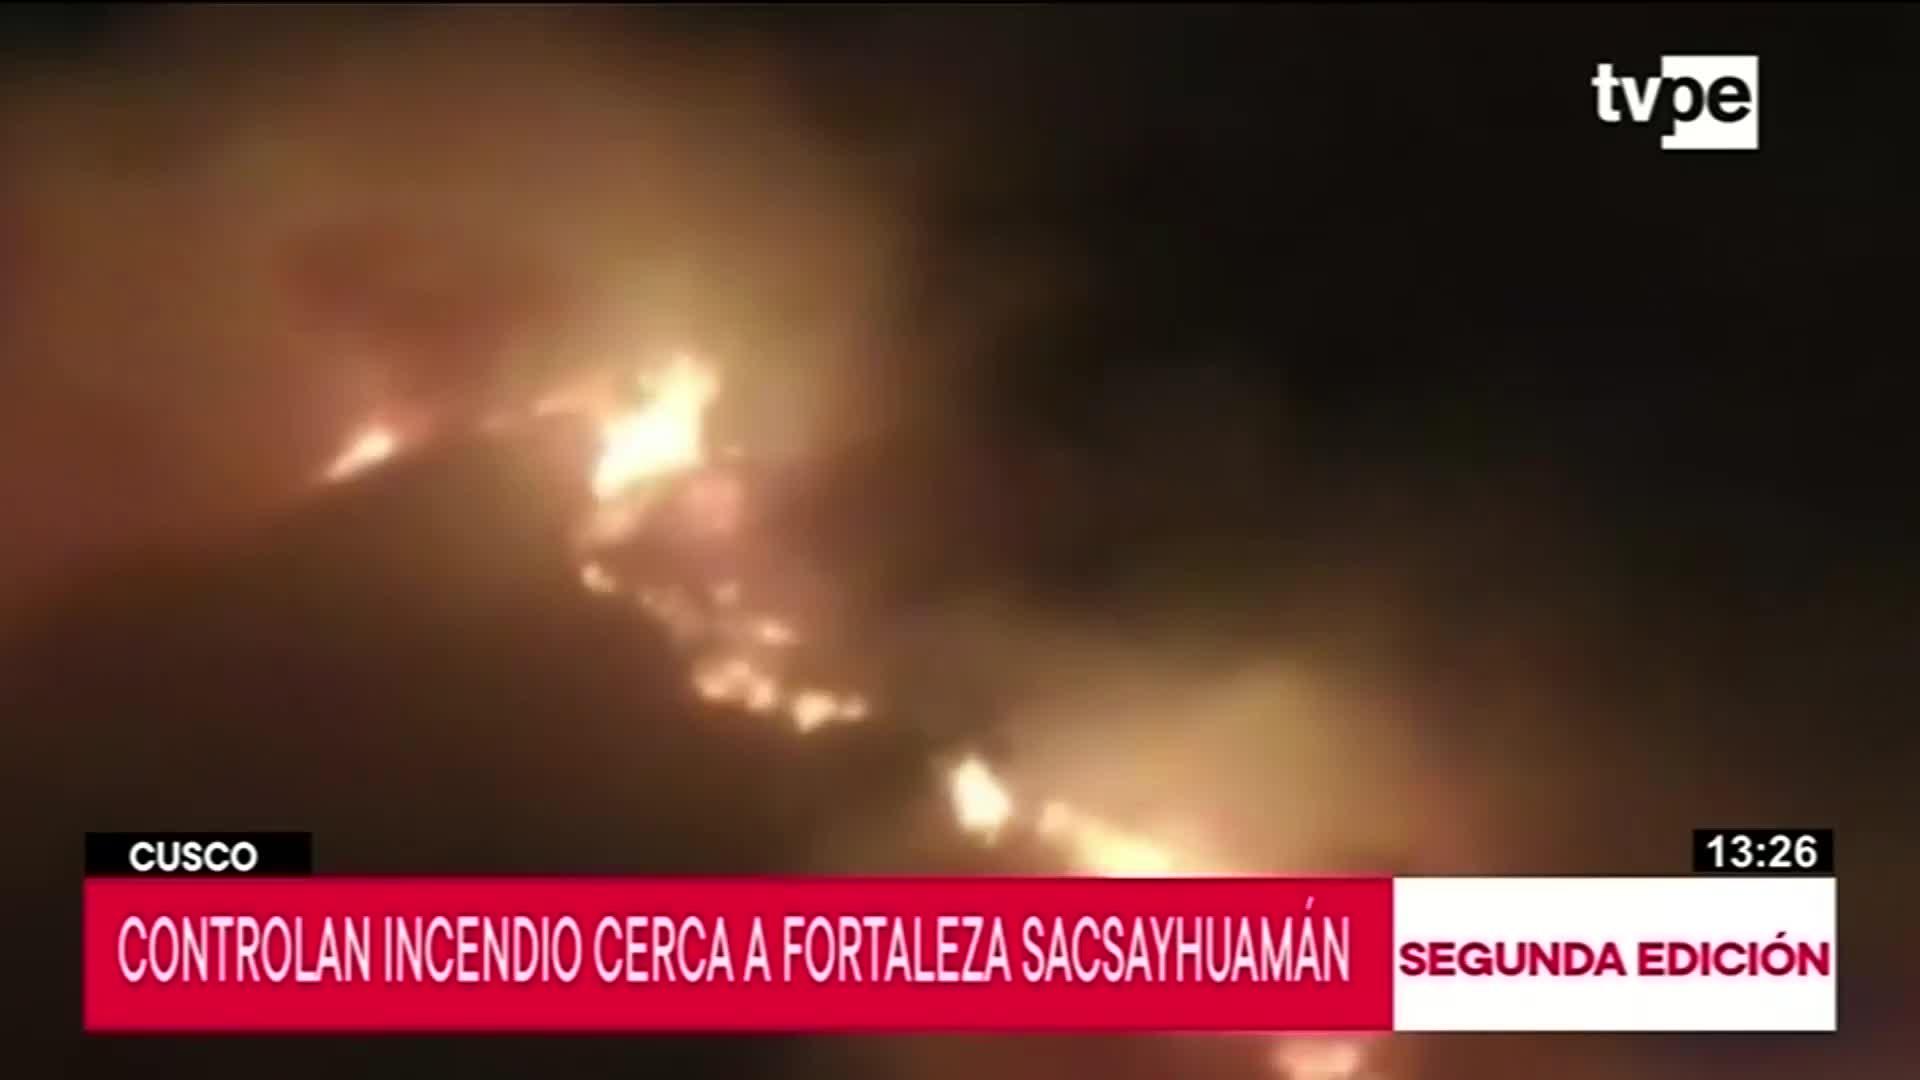 Incendio forestal pone en peligro el parque arqueológico Sacsayhuamán